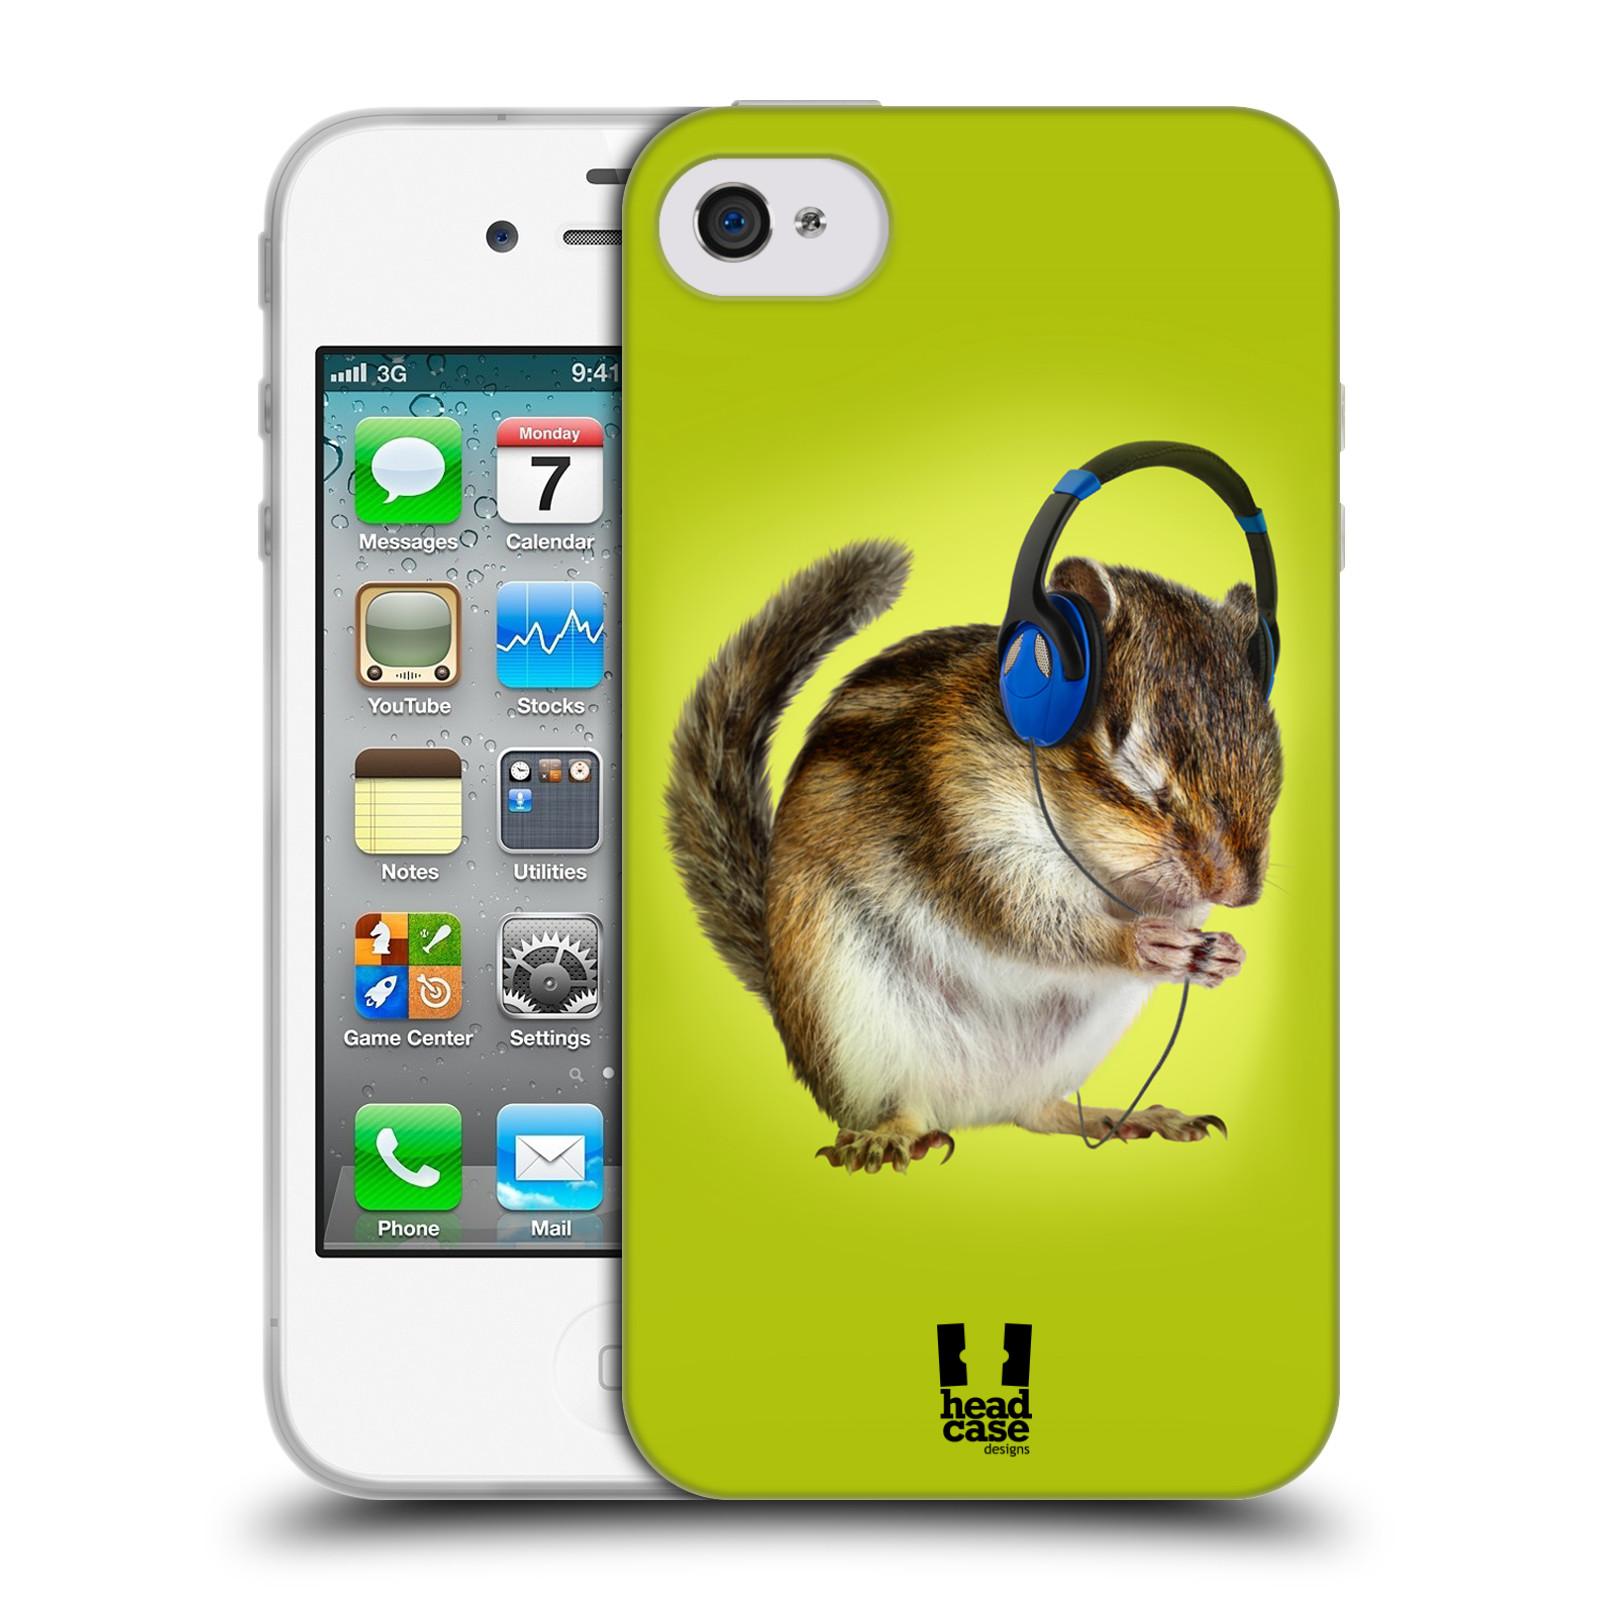 HEAD CASE silikonový obal na mobil Apple Iphone 4/4S vzor Legrační zvířátka veverka se sluchátky